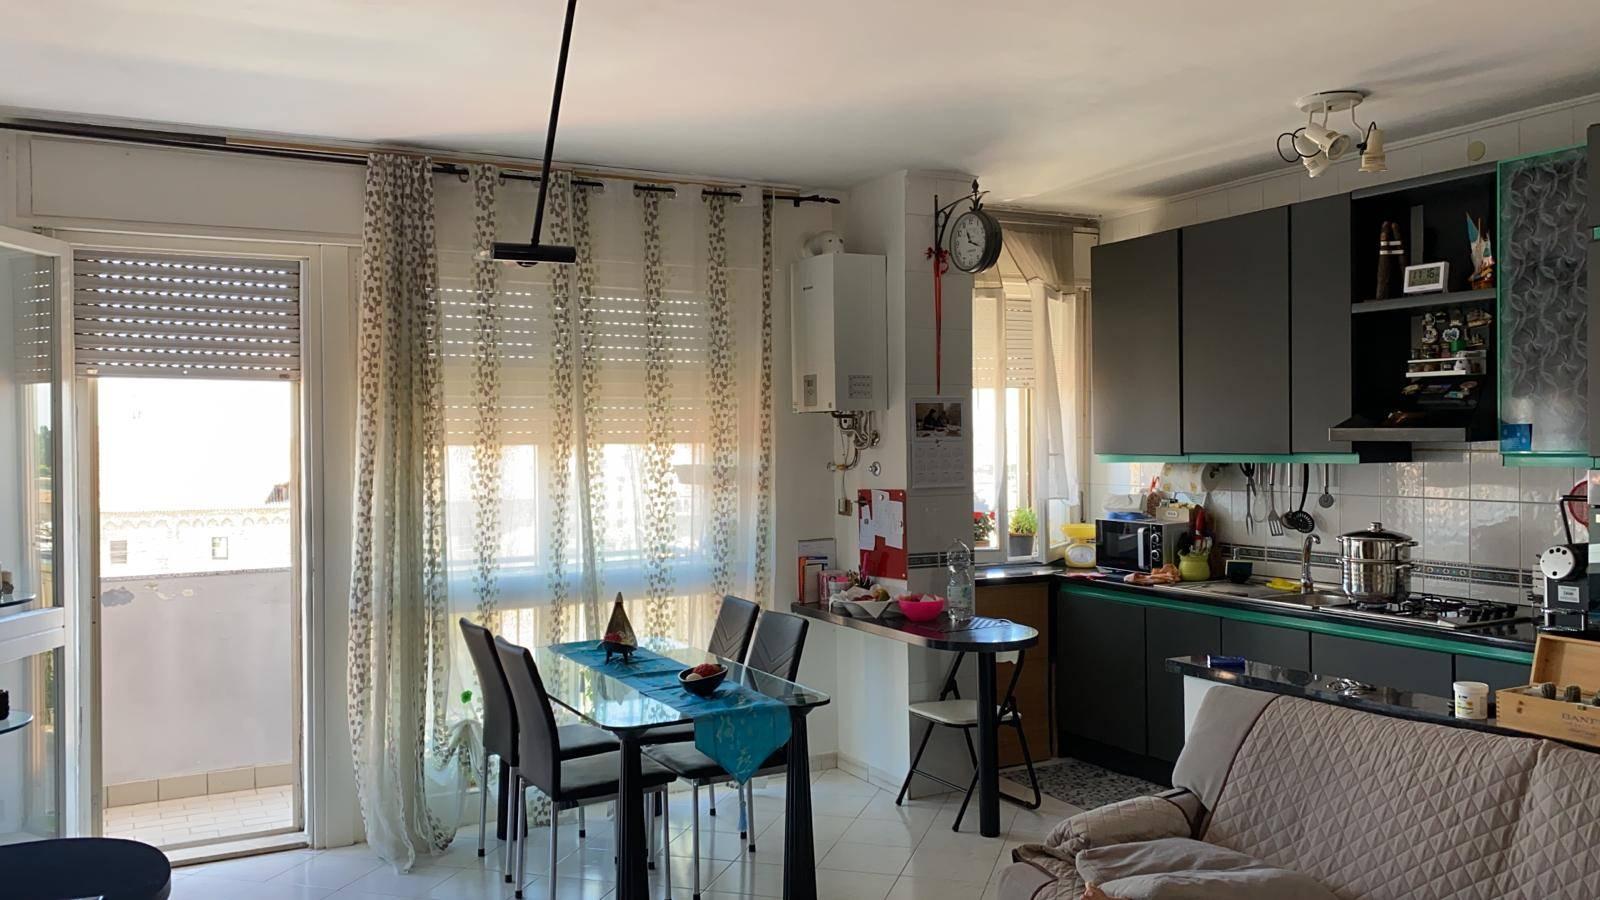 Rif. B210 CHIOGGIA, CAMPO MARCONI: Affittasi ampio appartamento in buone condizioni, completamente ammobiliato. Composto da soggiorno e cucina, bagno,